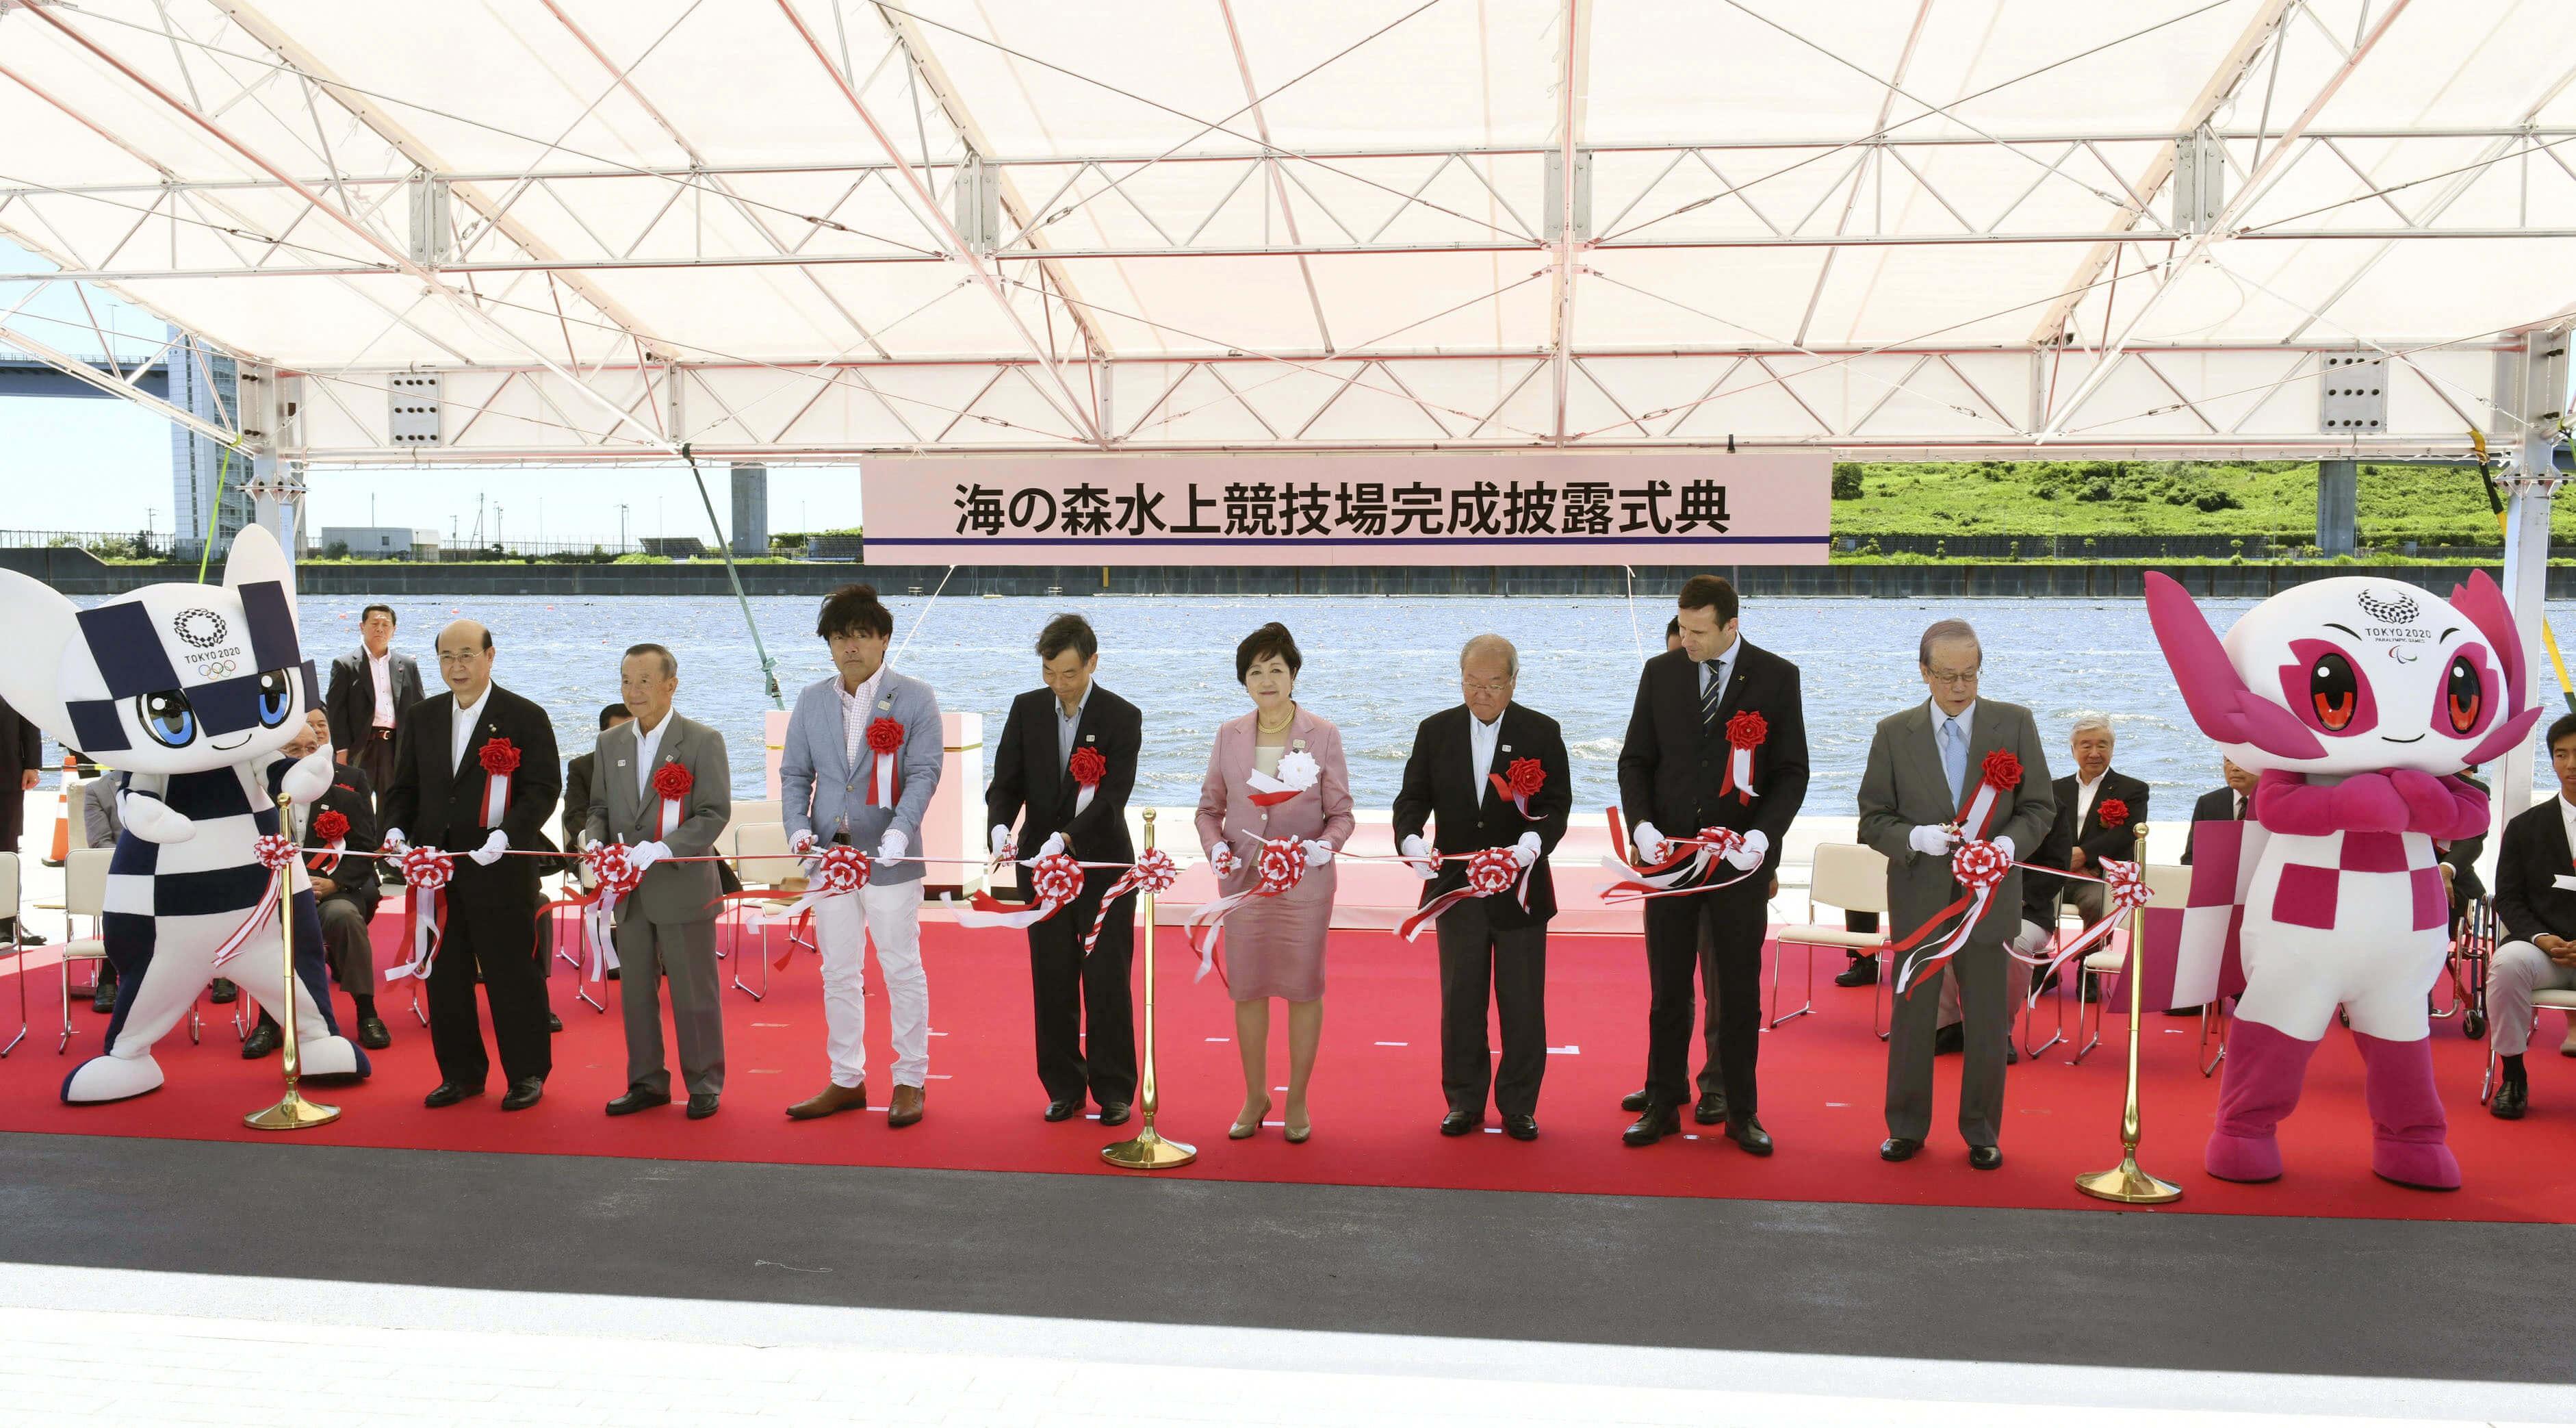 小池百合子6月16日出席東奧水上運動場地海之森水上競技場啟用儀式。(檔案照片/共同社提供)